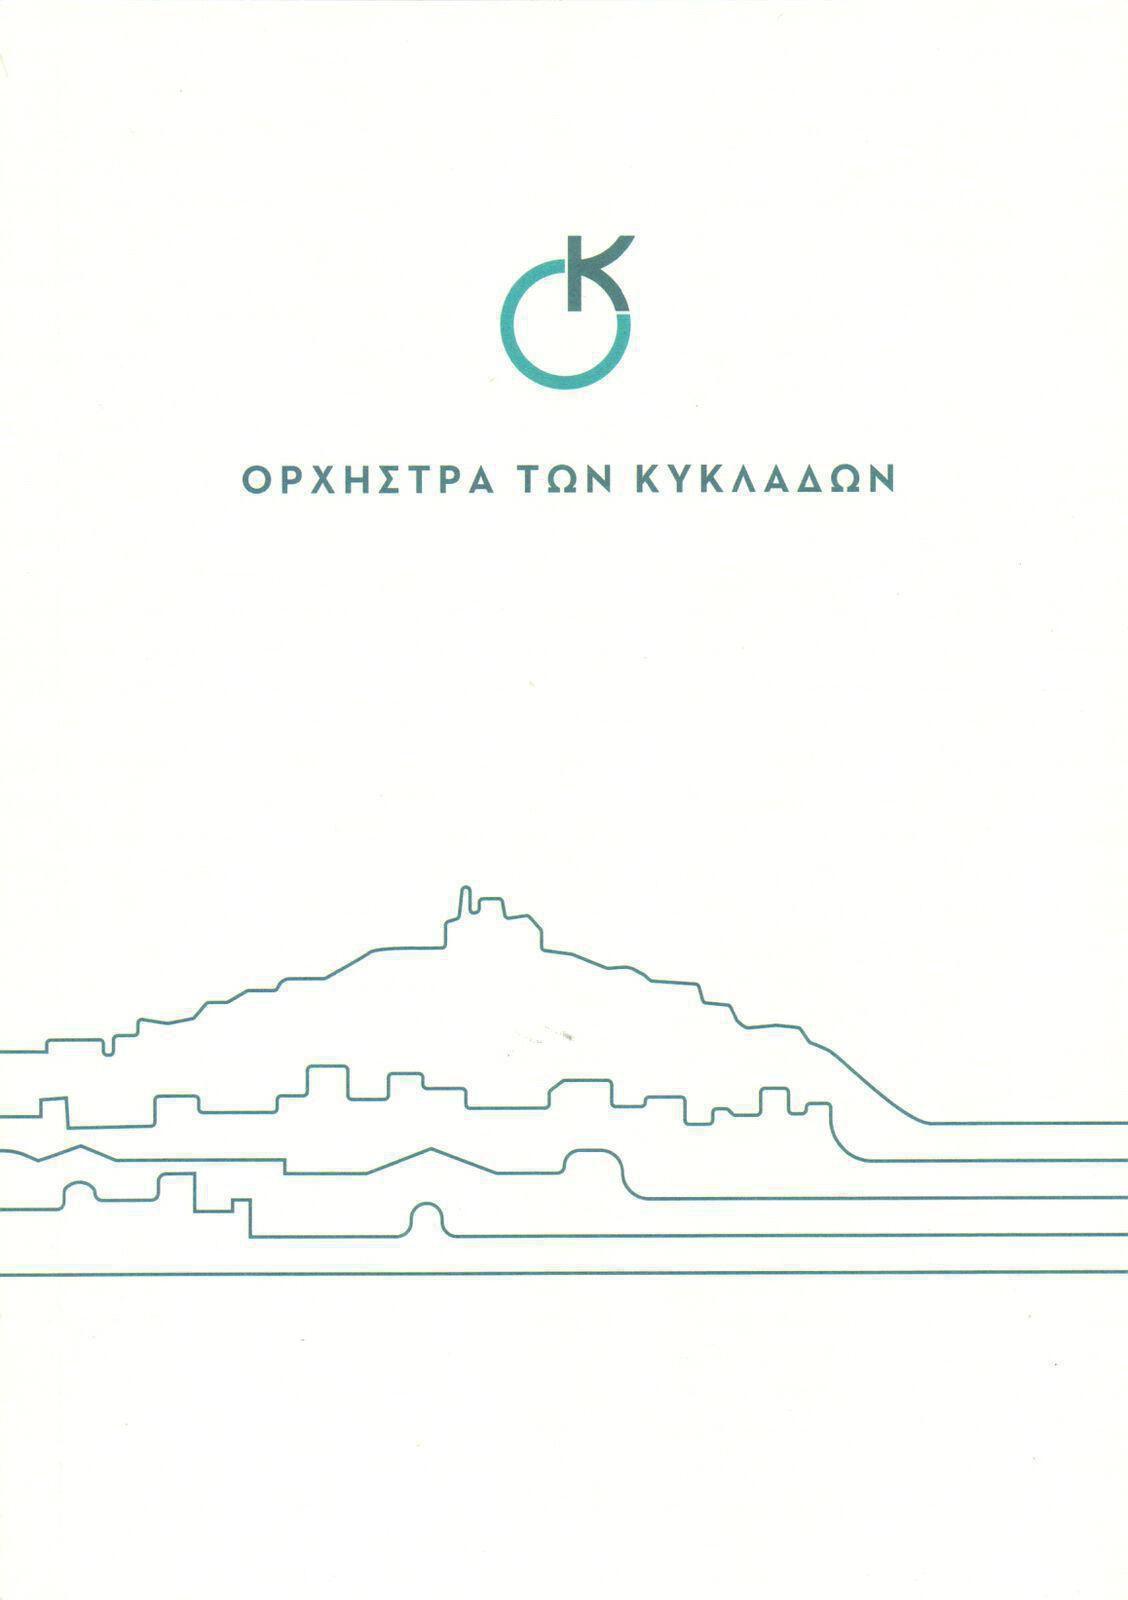 3.Orchestrakikladon cover